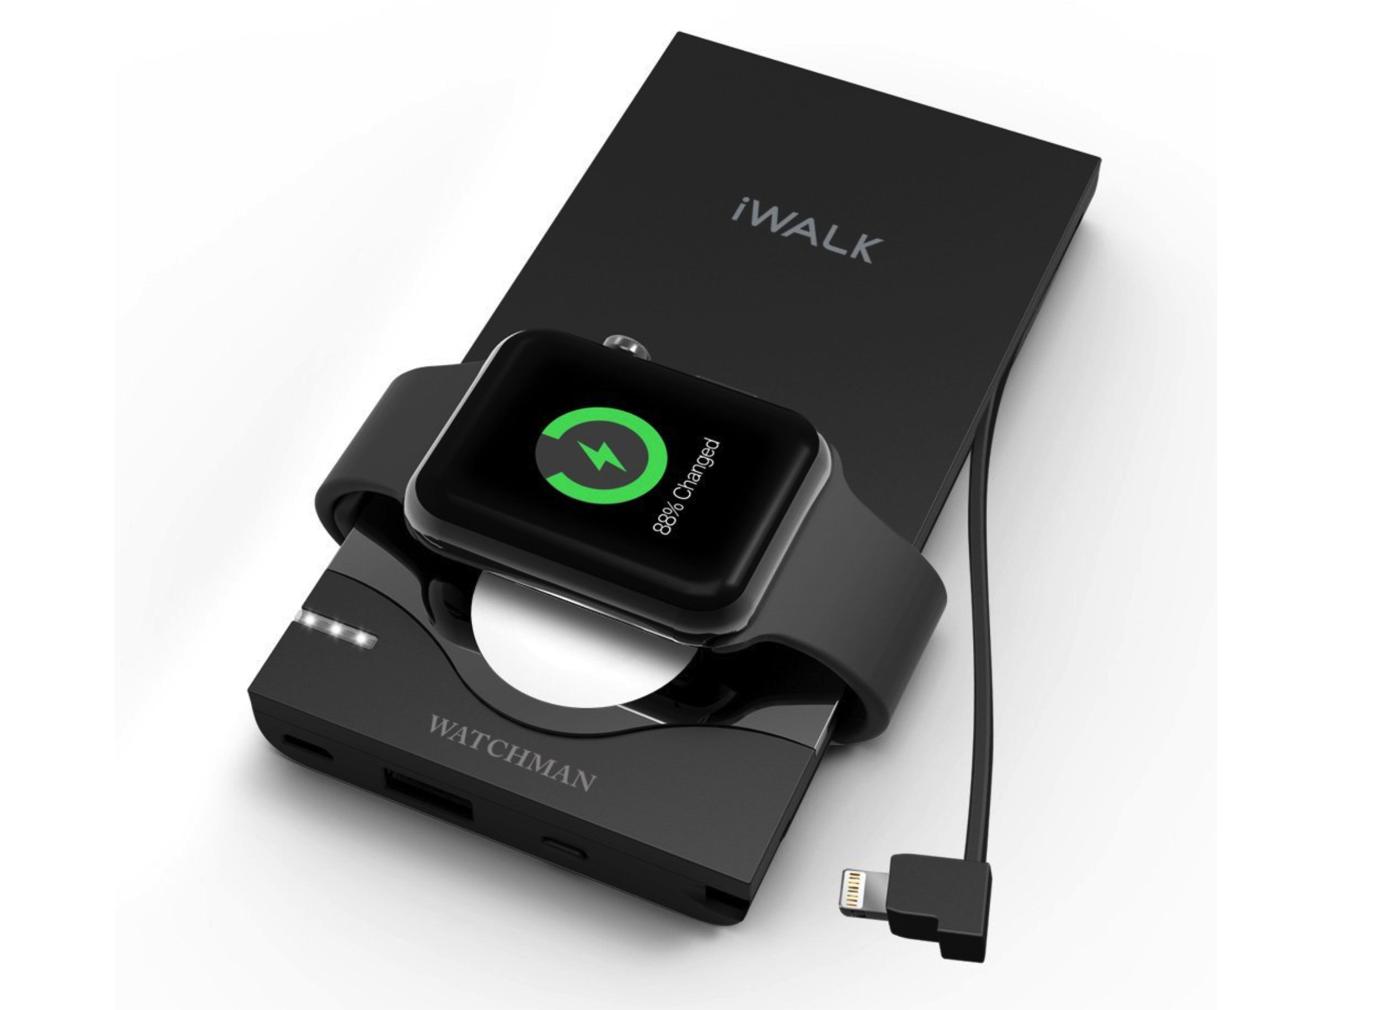 ライトニング(Lightning)ケーブル内蔵 iPhone/Apple Watch同時充電可能な大容量10000mAhのモバイルバッテリー-1